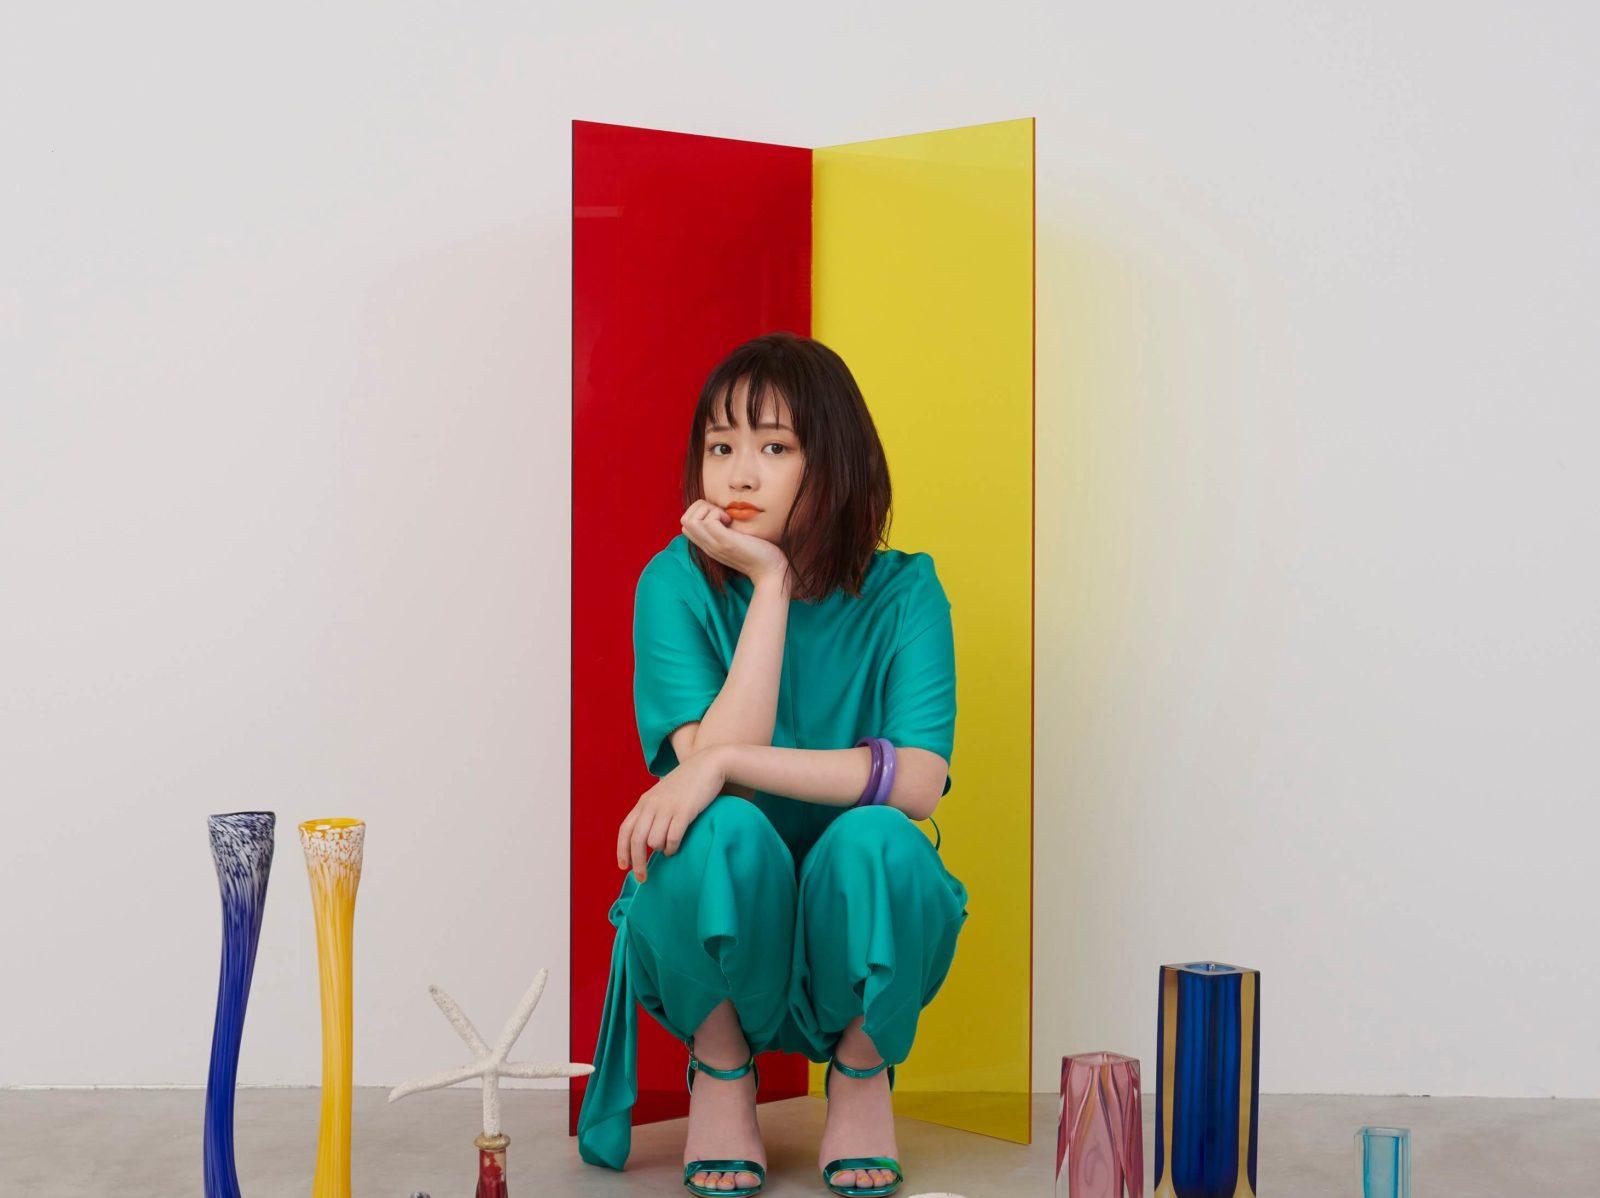 大原櫻子 3rdアルバム初回限定盤の豪華パッケージ画像公開!ニュービジュアルも解禁サムネイル画像